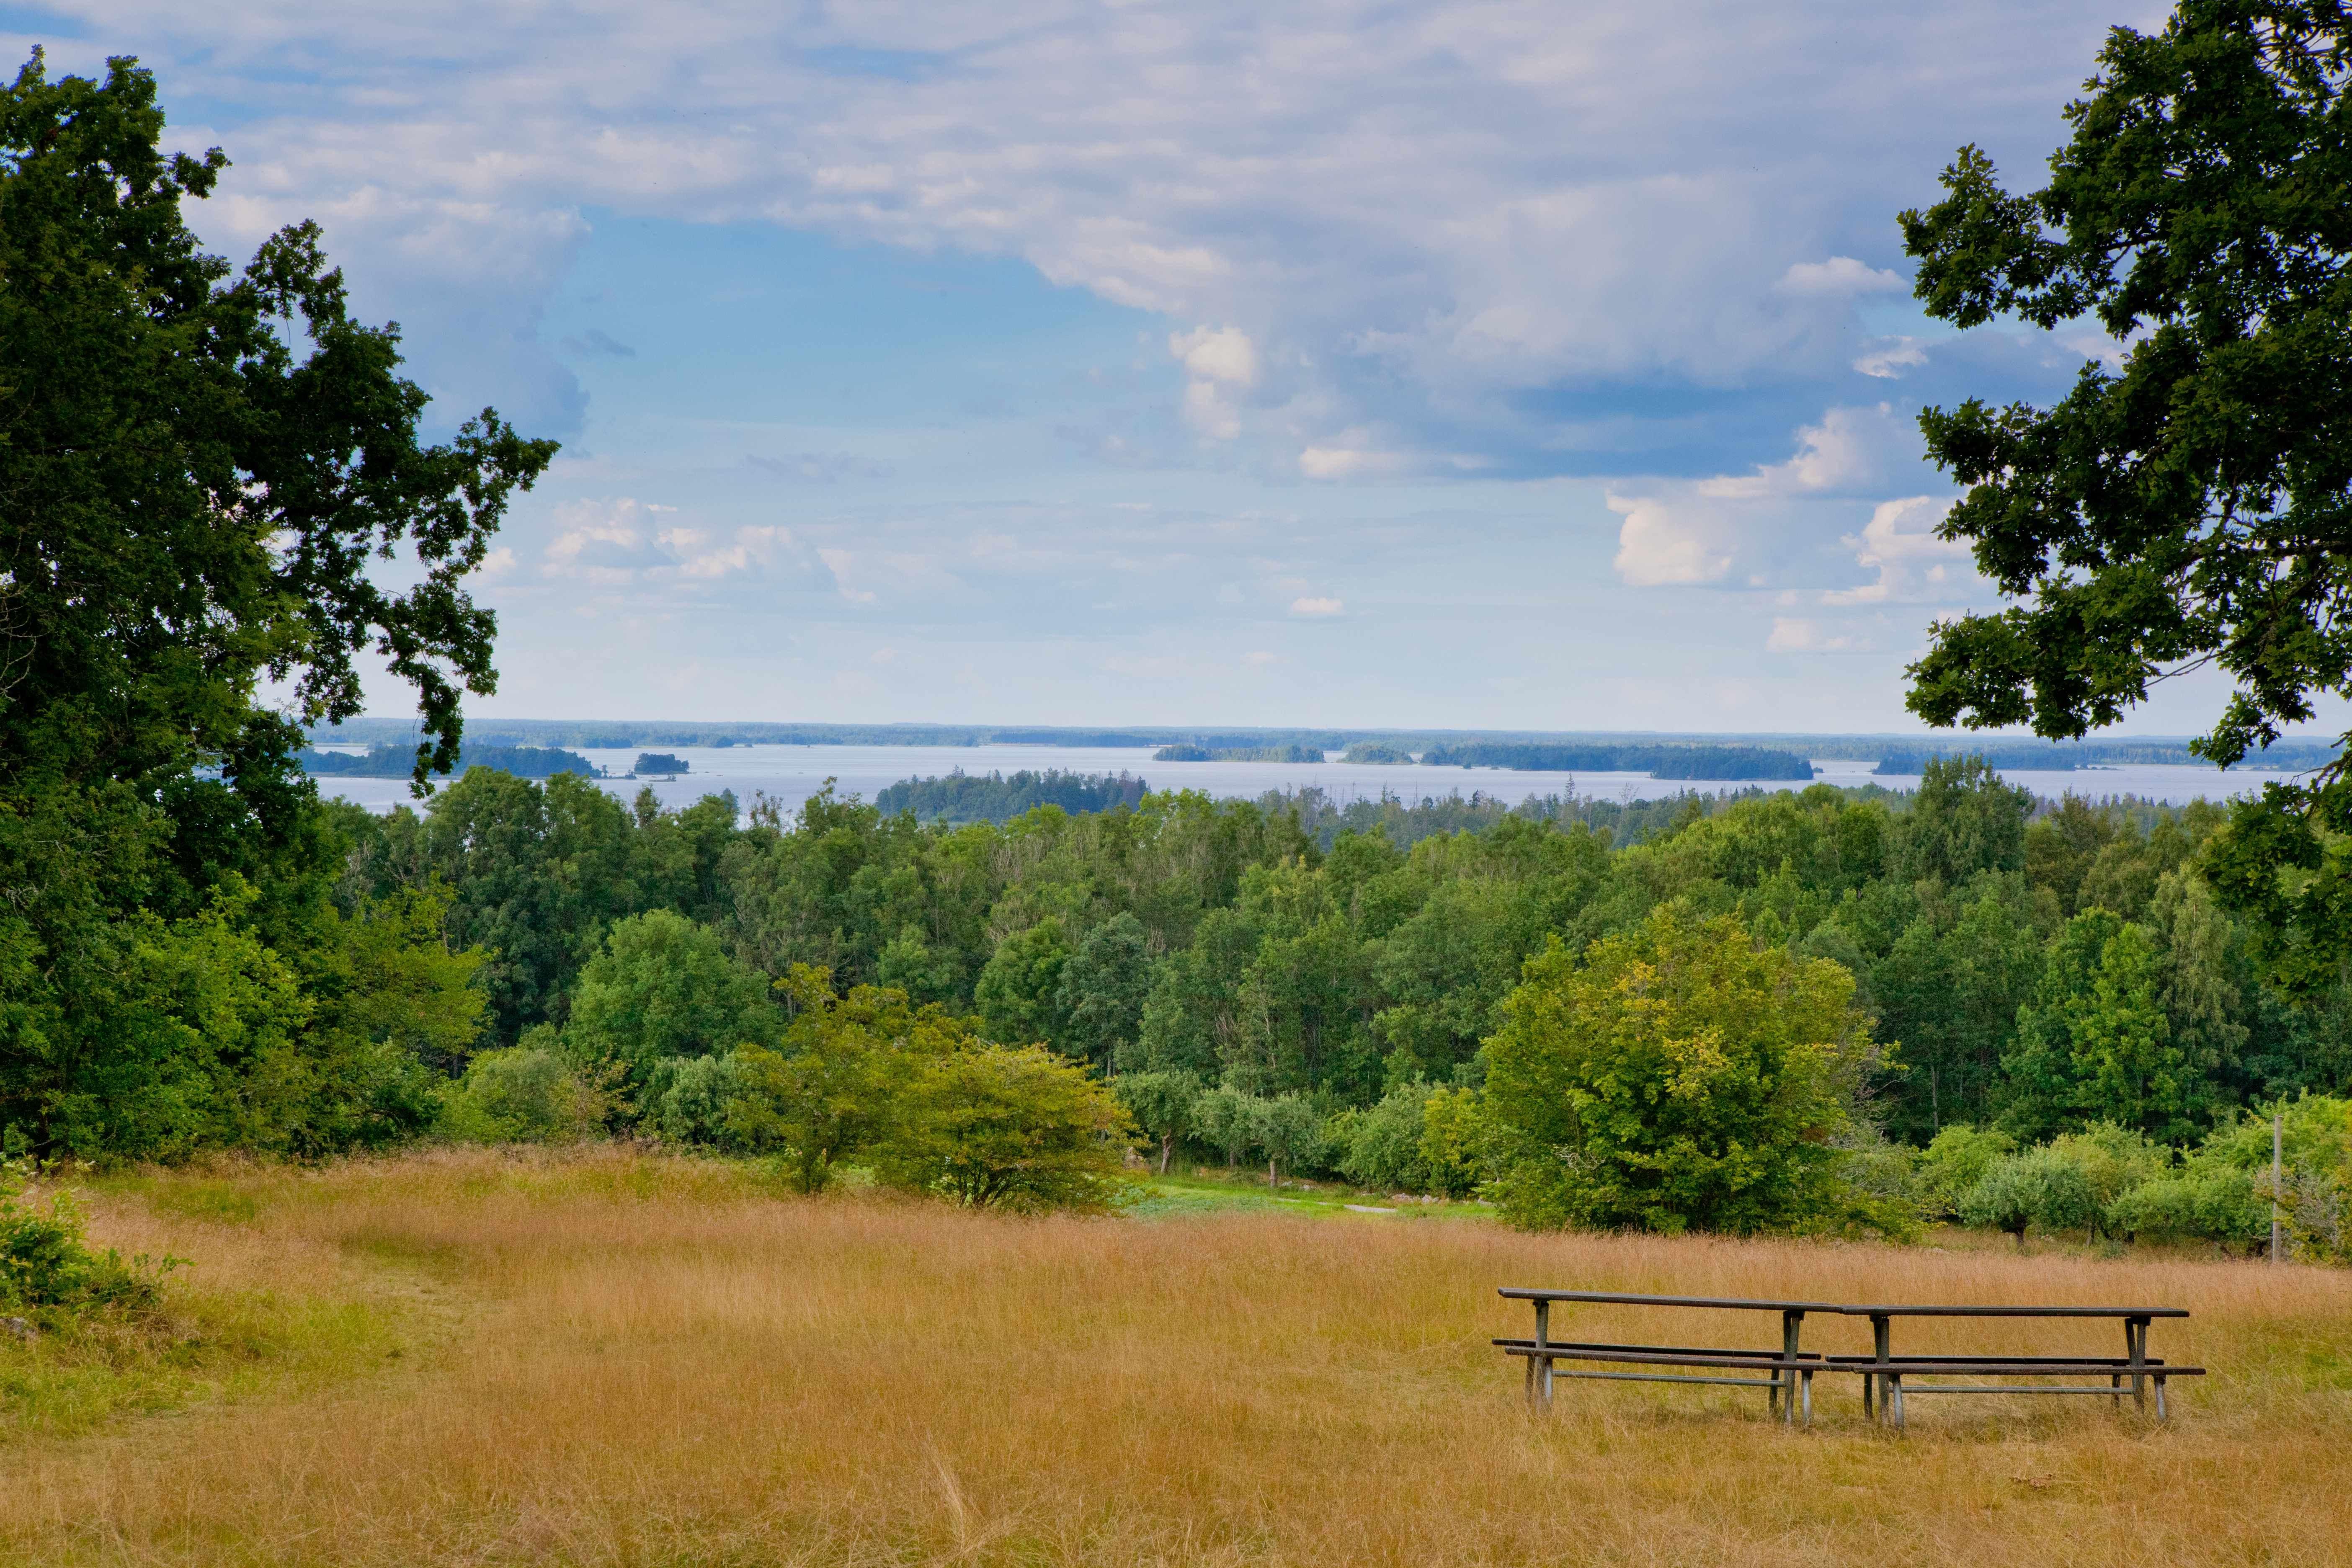 PeKa-foto,  © Tingsryds Kommun, Lunnabacken